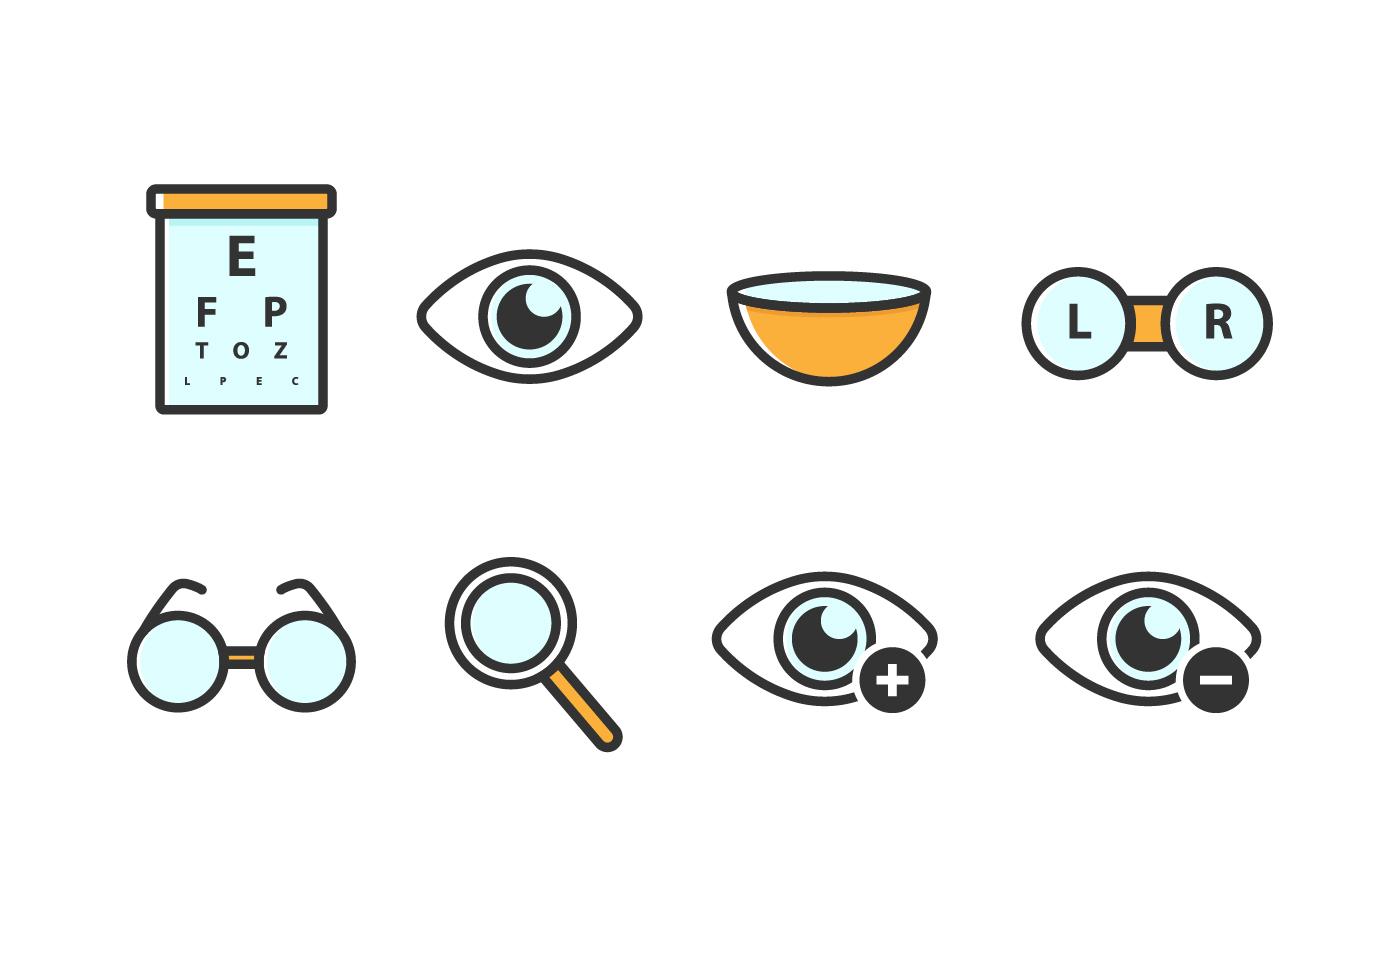 眼睛 icon 免費下載 | 天天瘋後製